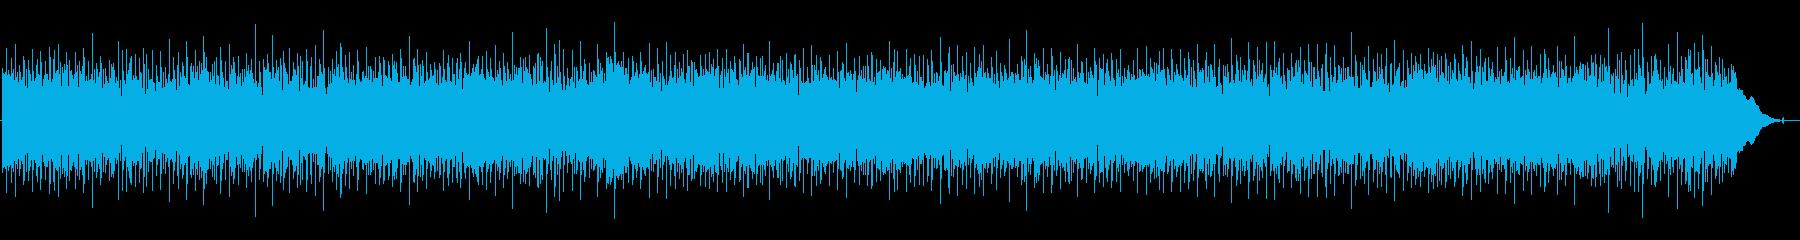 ハードなロックの再生済みの波形